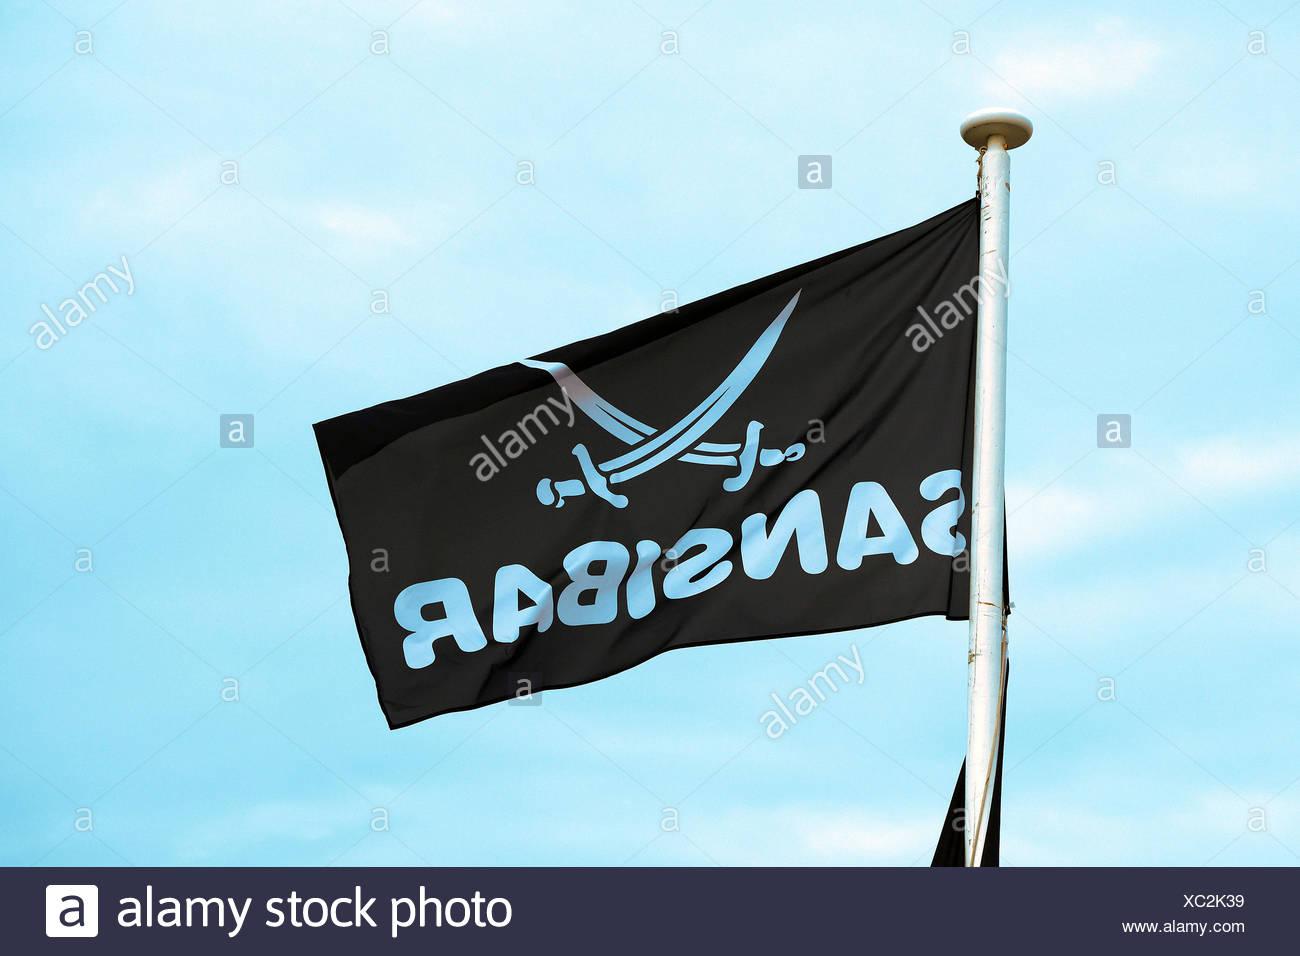 Fahne des Kultrestaurant Sansibar in den Duenen von Rantum, Sylt, nordfriesische Inseln, Nordfriesland, Schleswig-Holstein, Deutschland - Stock Image